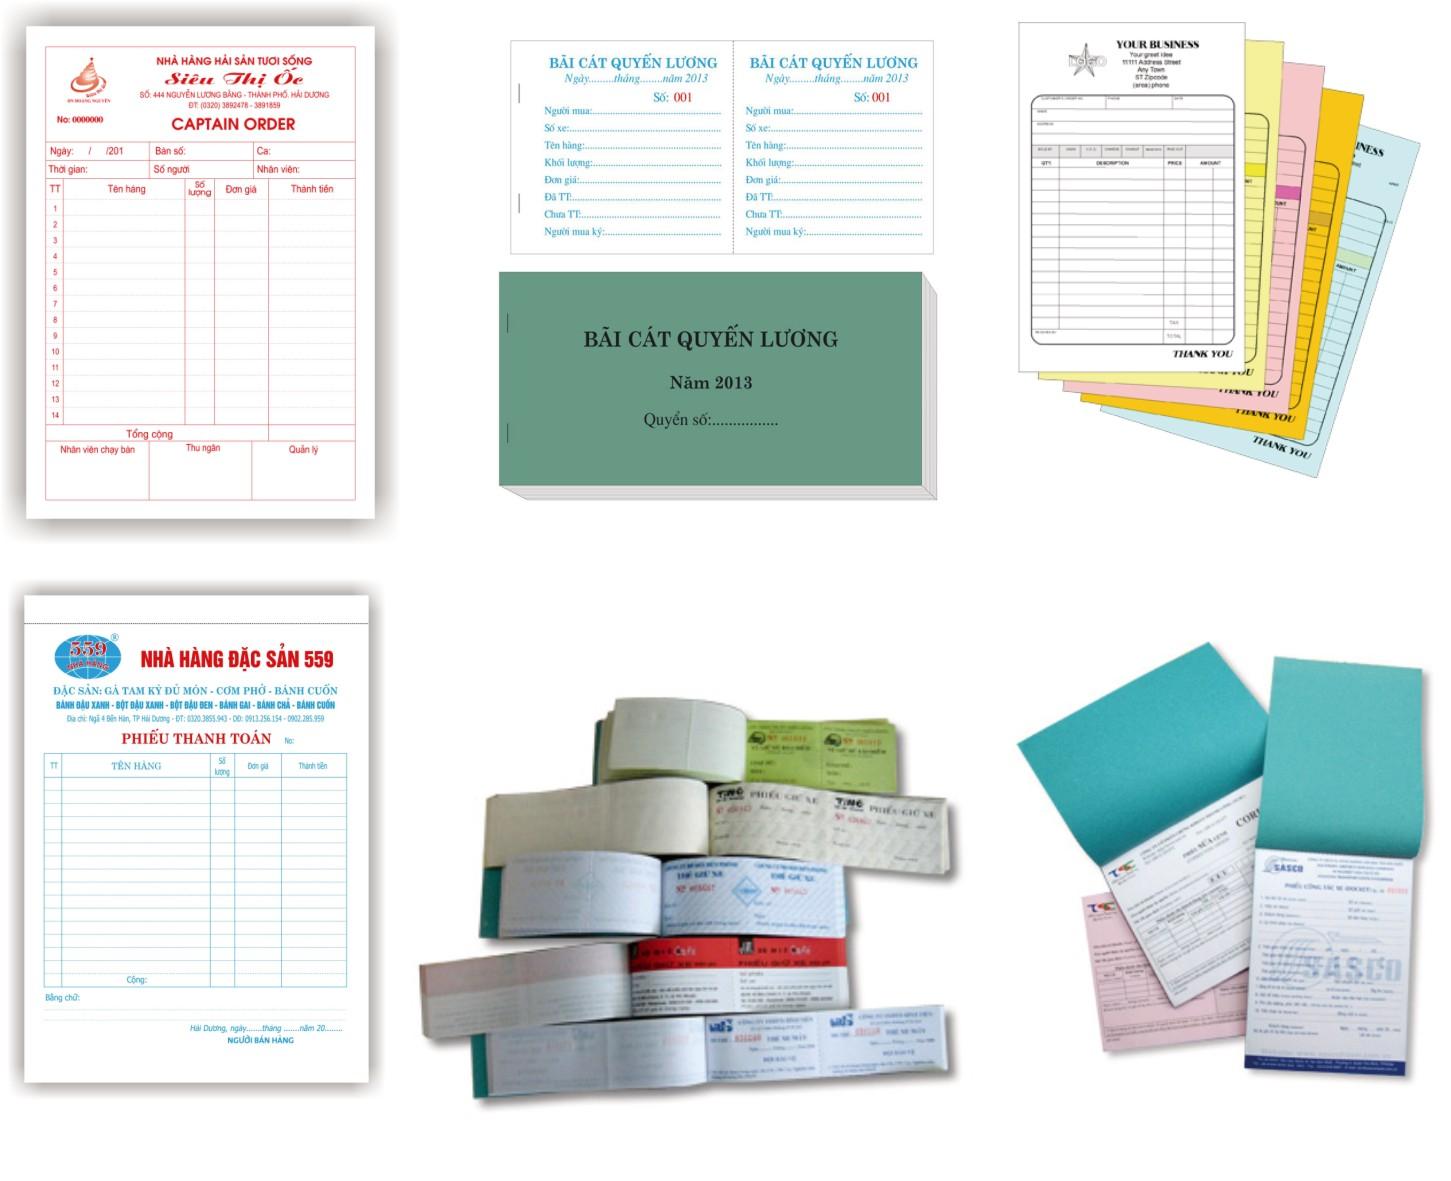 In ấn hóa đơn biểu mẫu